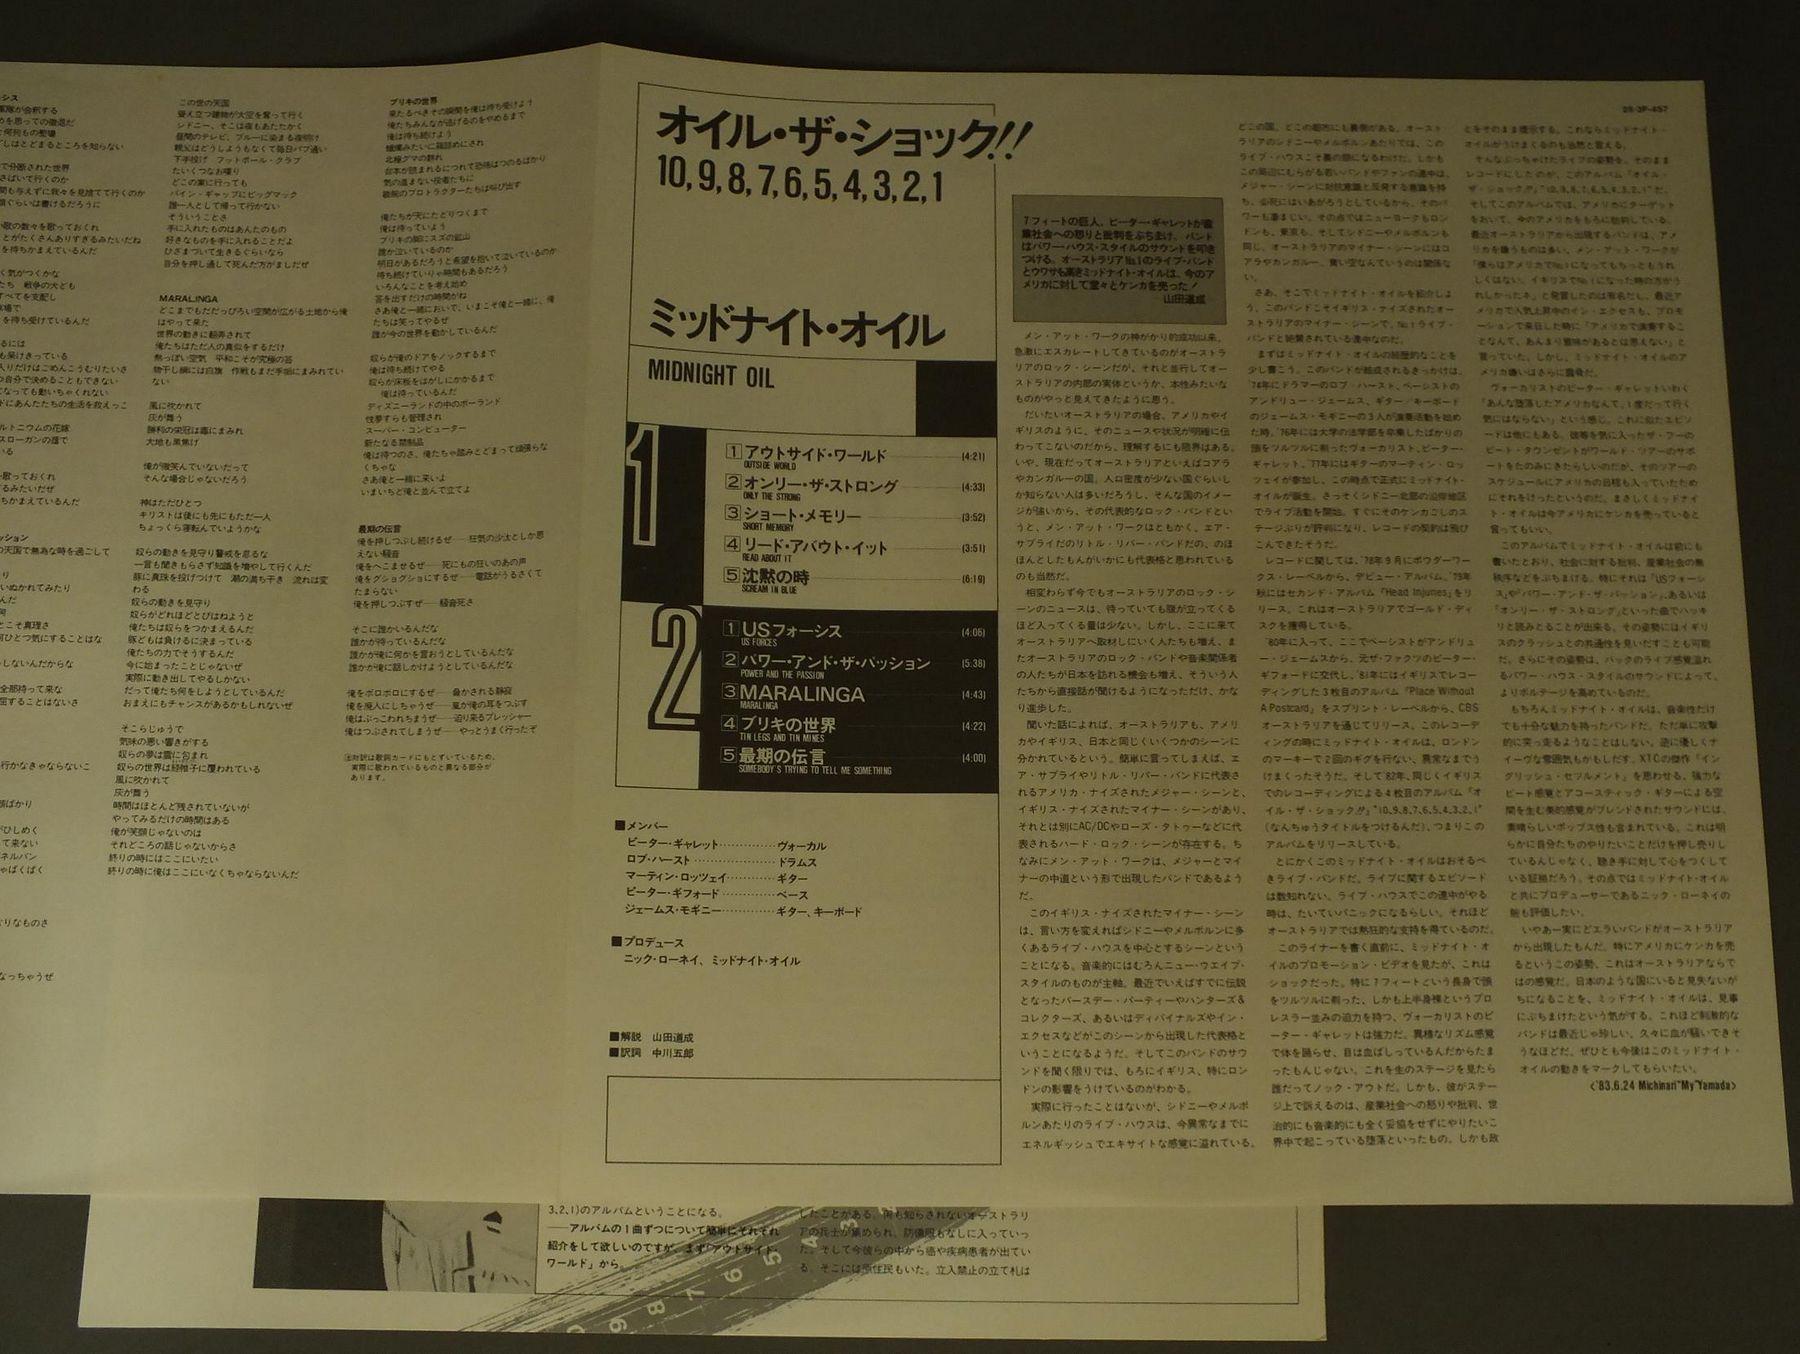 Midnight Oil 10 9 8 7 6 5 4 3 2 1